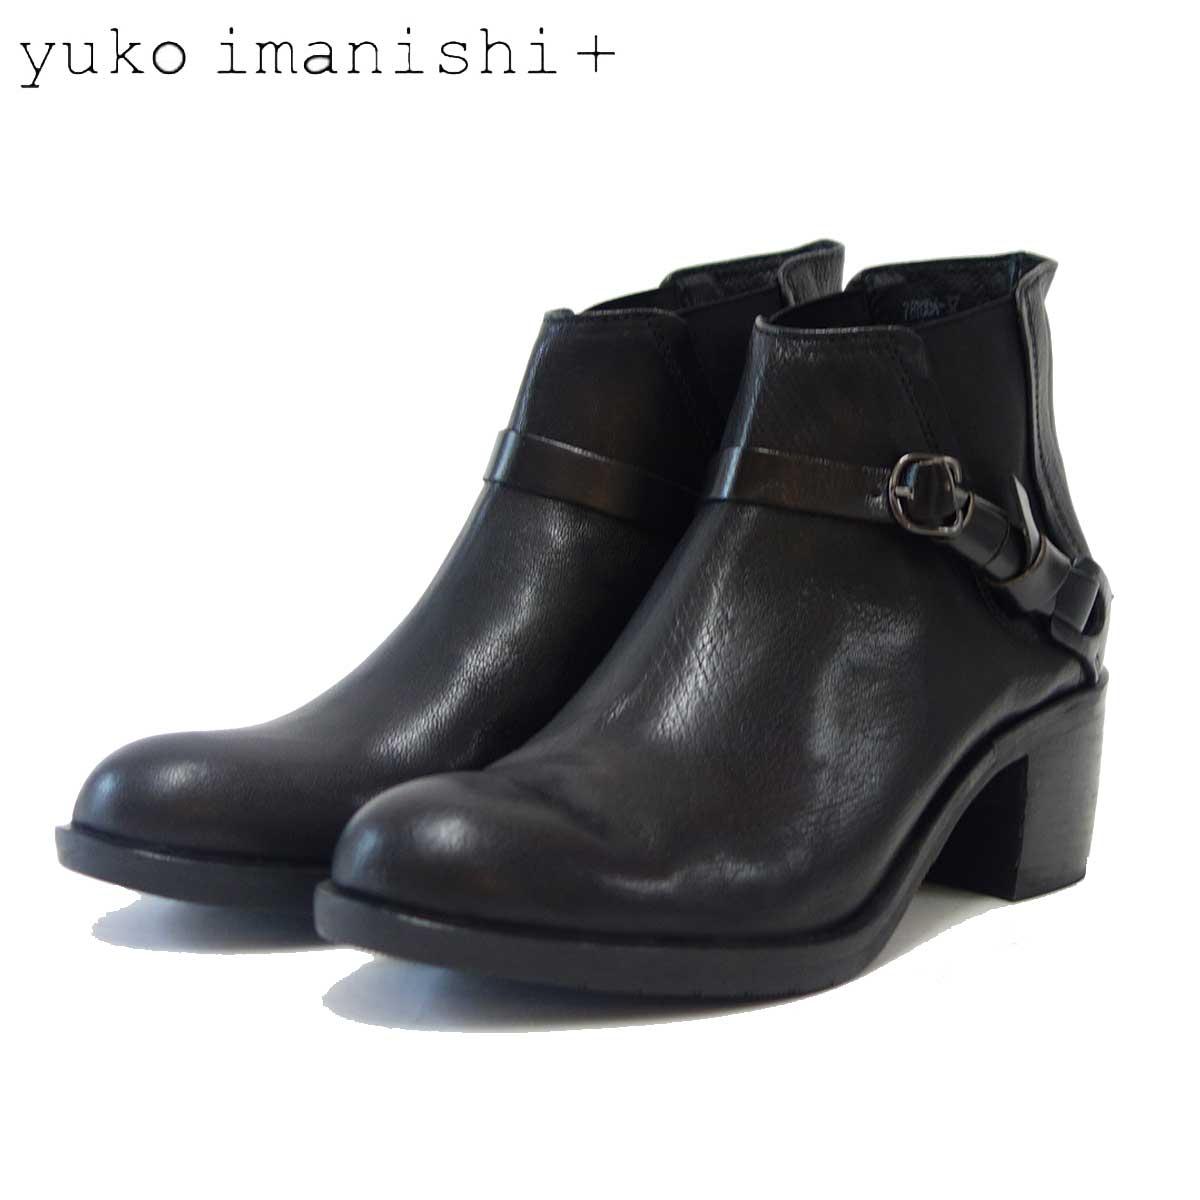 ユーコイマニシ+ yuko imanishi + 787004 ブラック 上質天然皮革のサイドゴアブーツ 「靴」